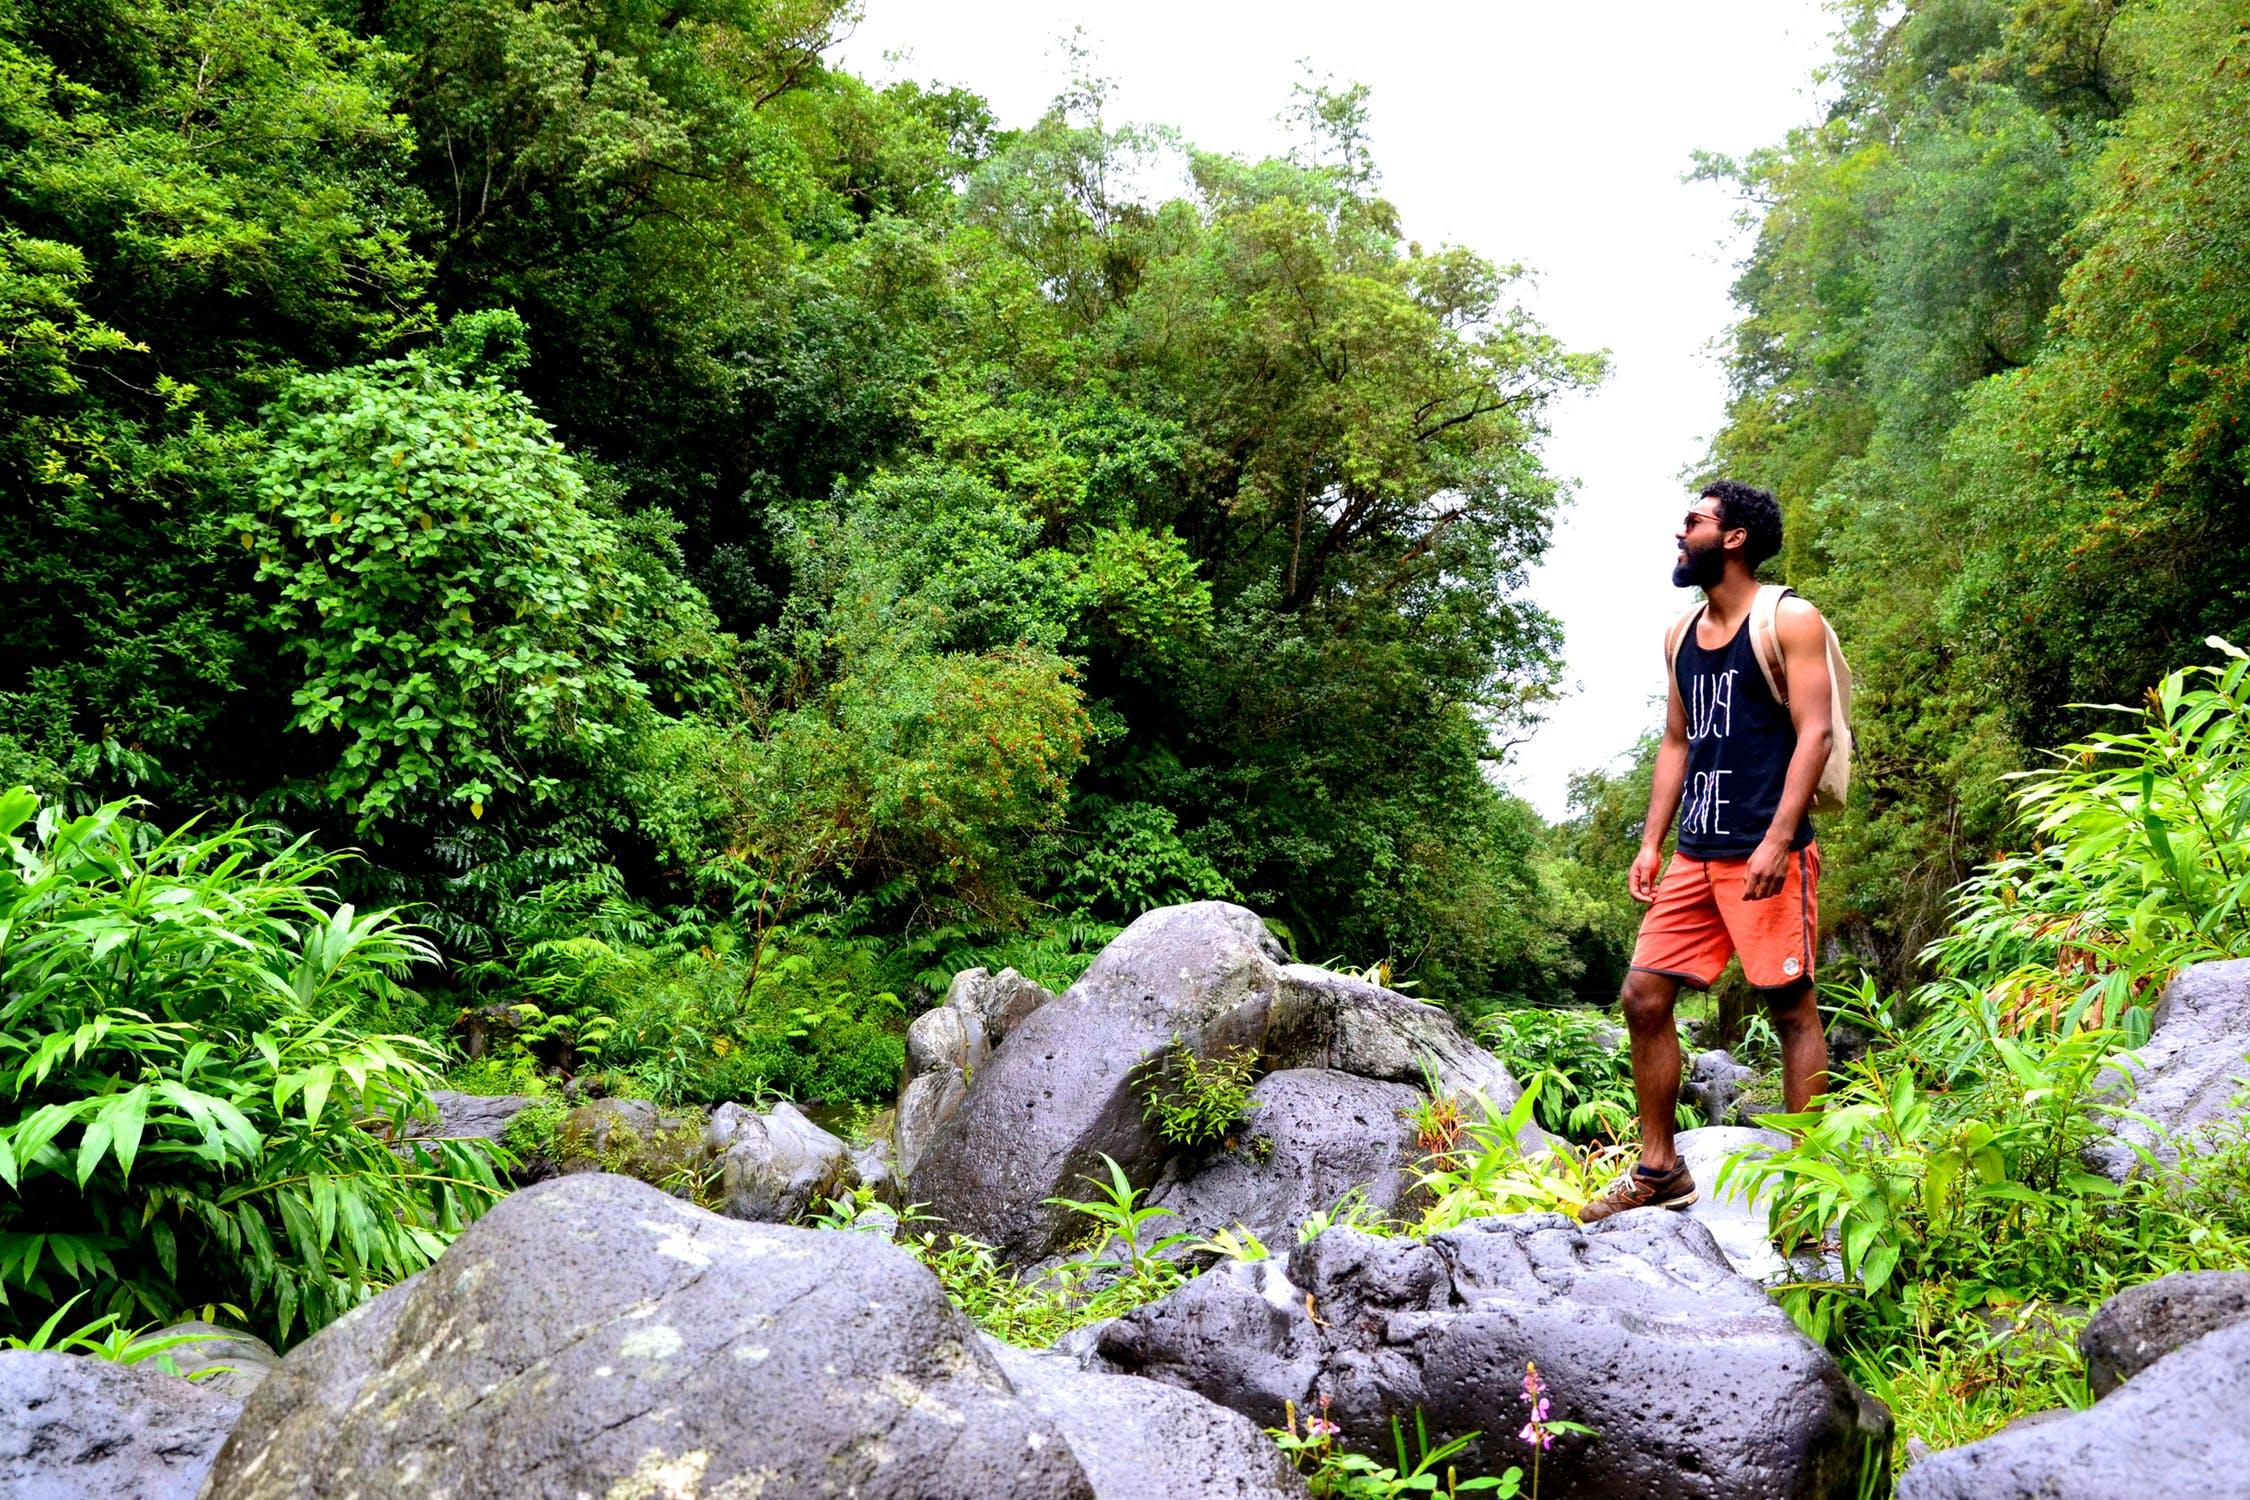 Mand står og kigger på træer